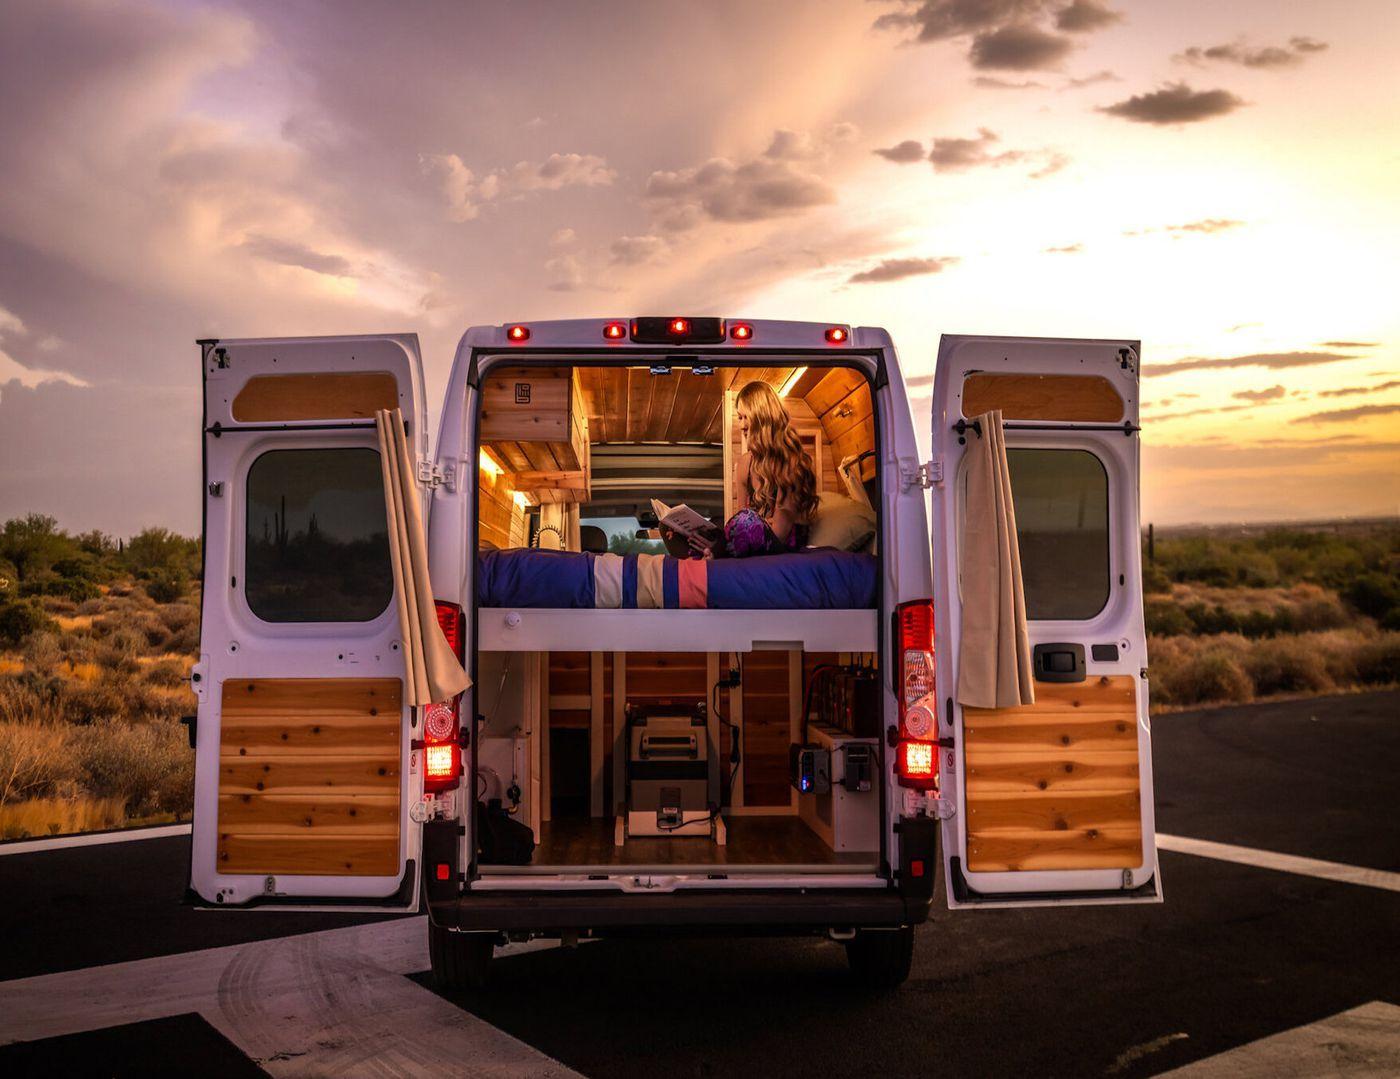 5 affordable camper vans for sale in 2020 van for sale